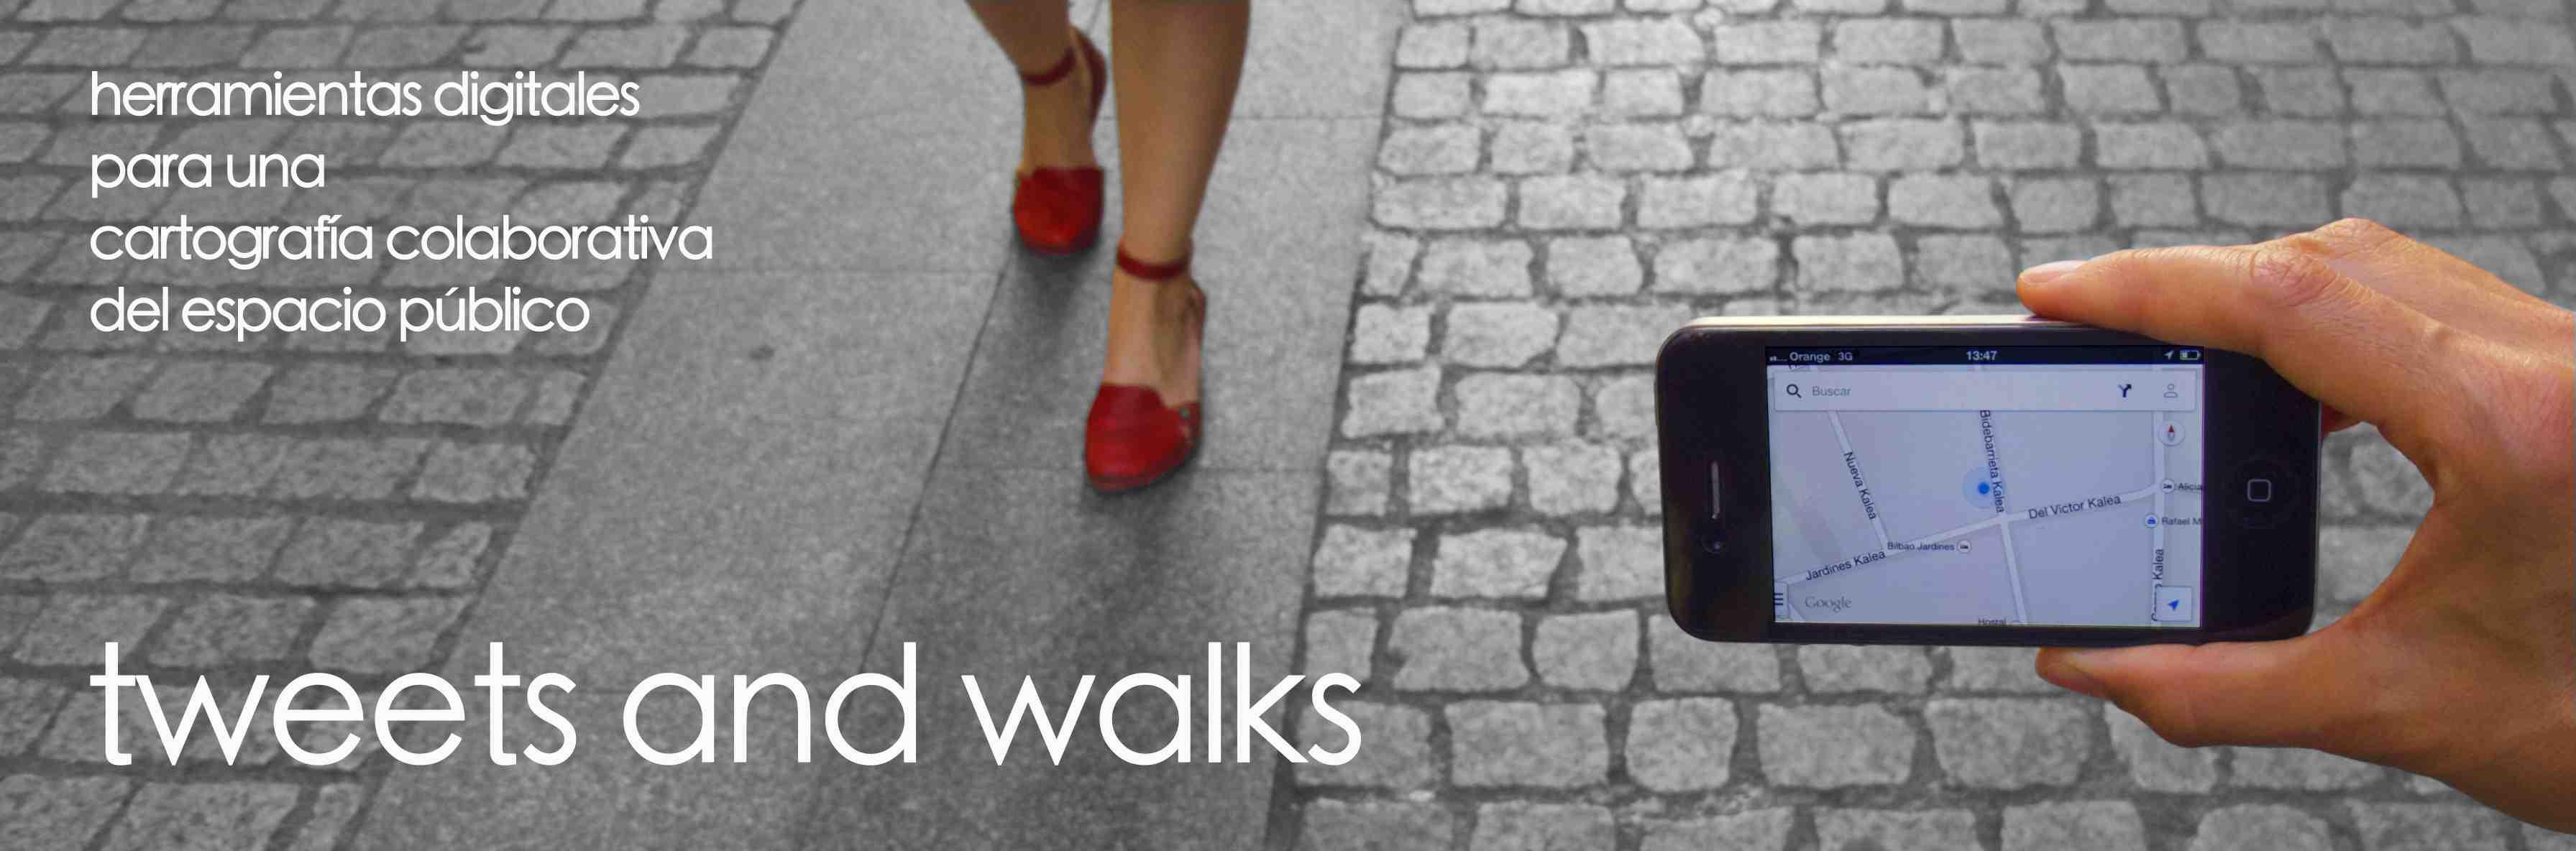 Portada Tweets and walks 2_baja